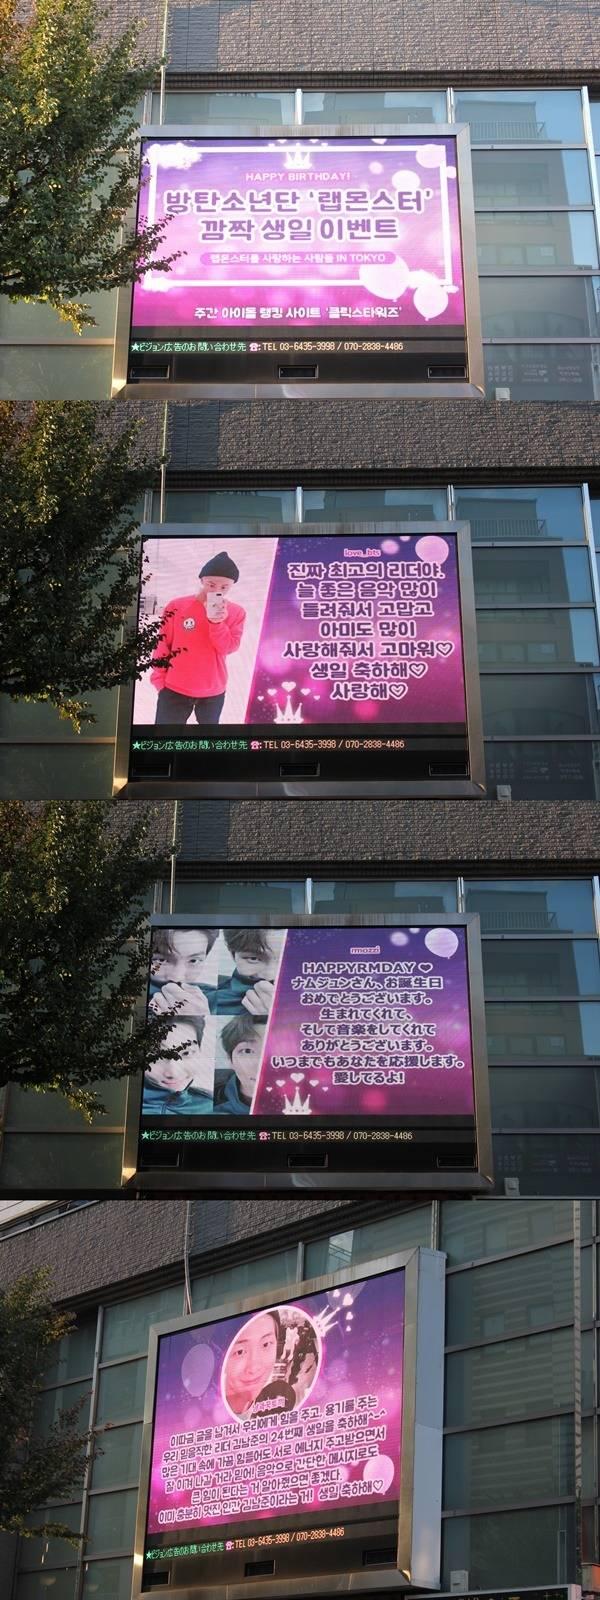 東京・新大久保電光掲示板で上映中の様子 写真:Click! StarWars